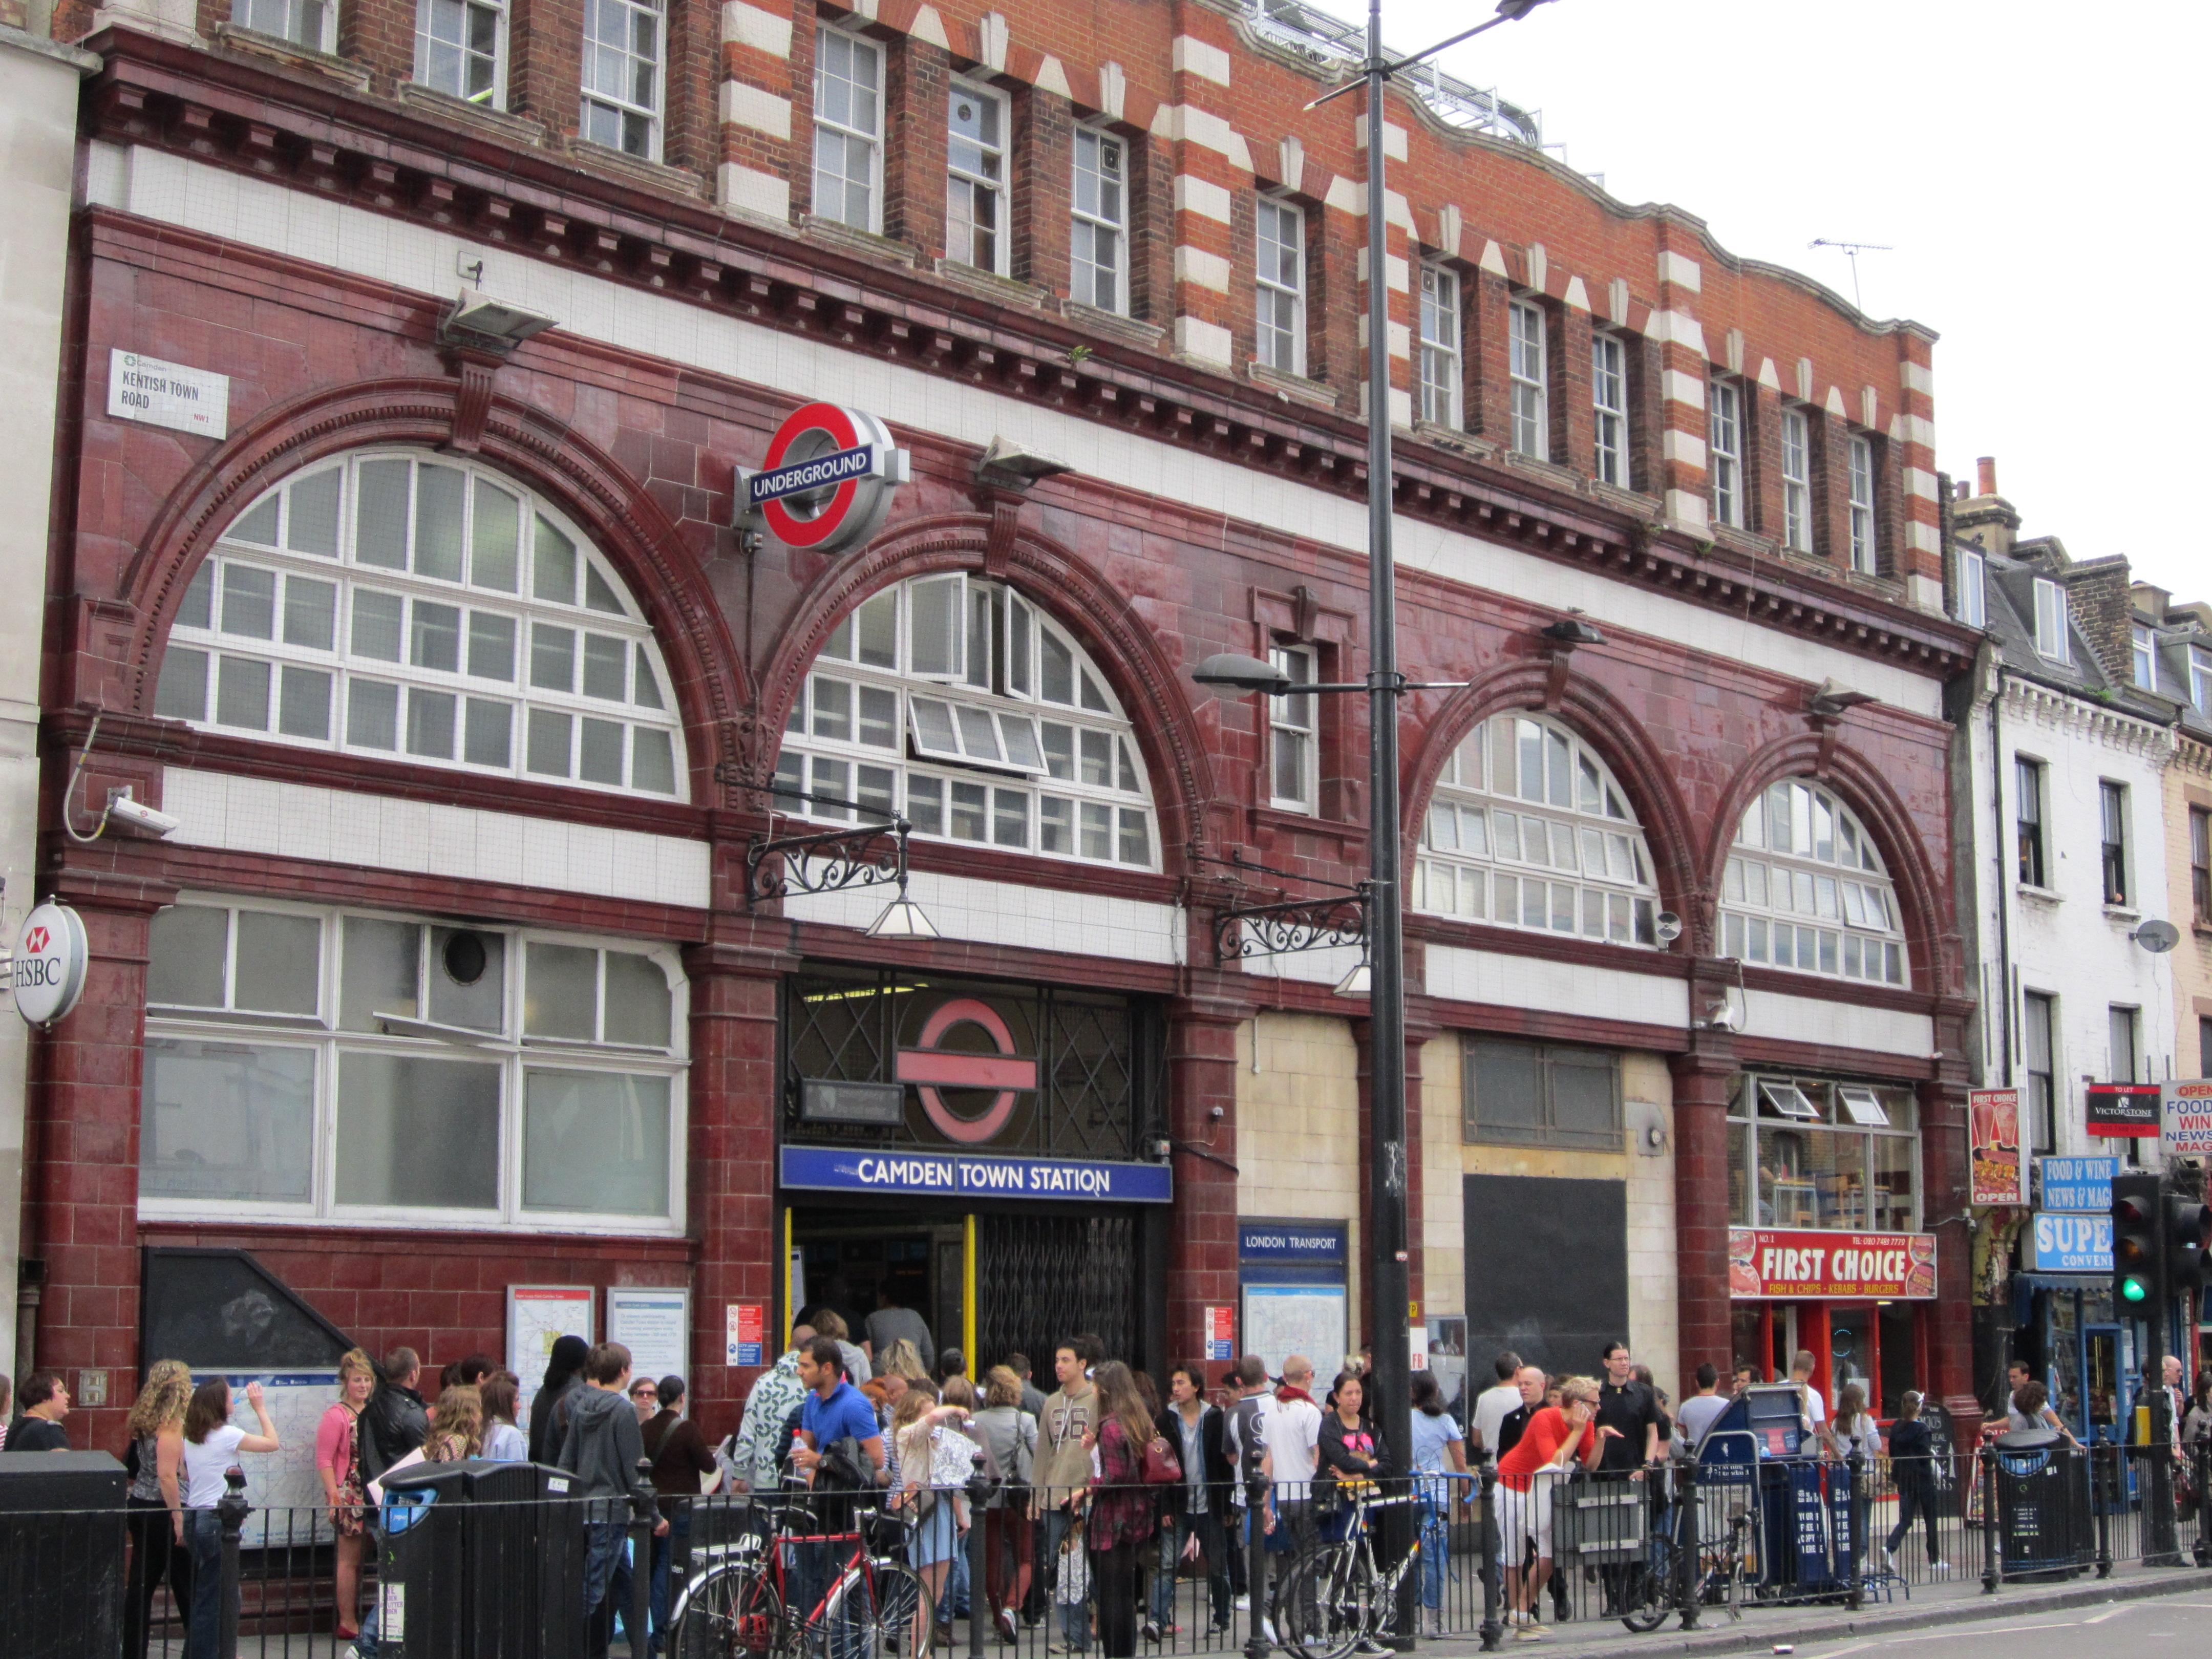 File:Camden Town tube station - IMG 0766.JPG - Wikimedia Commons